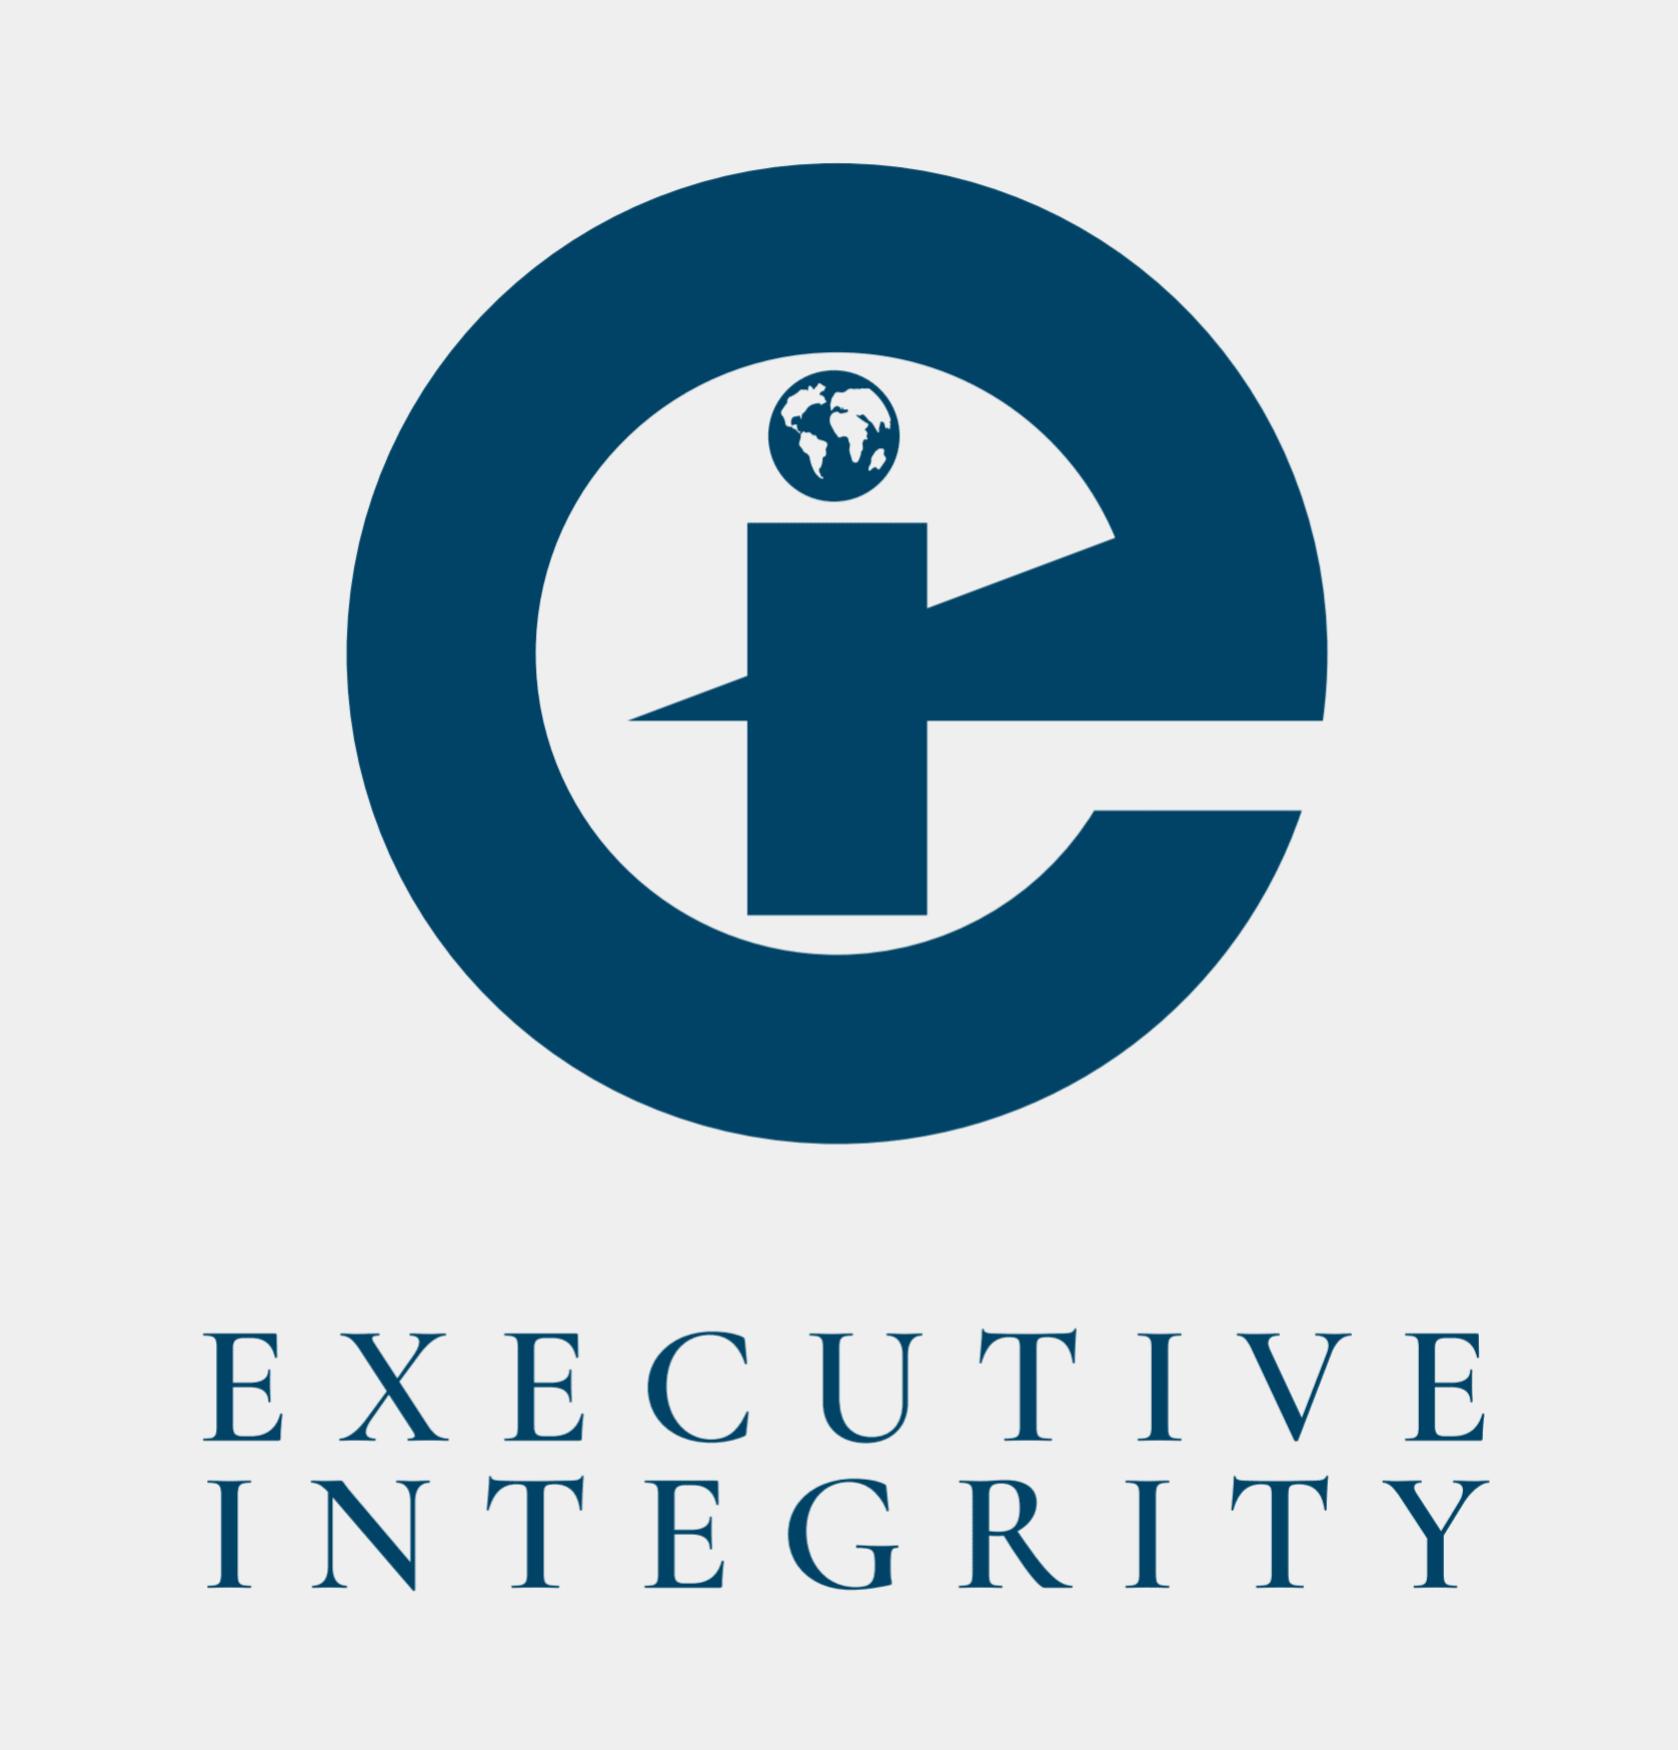 Executive Integrity